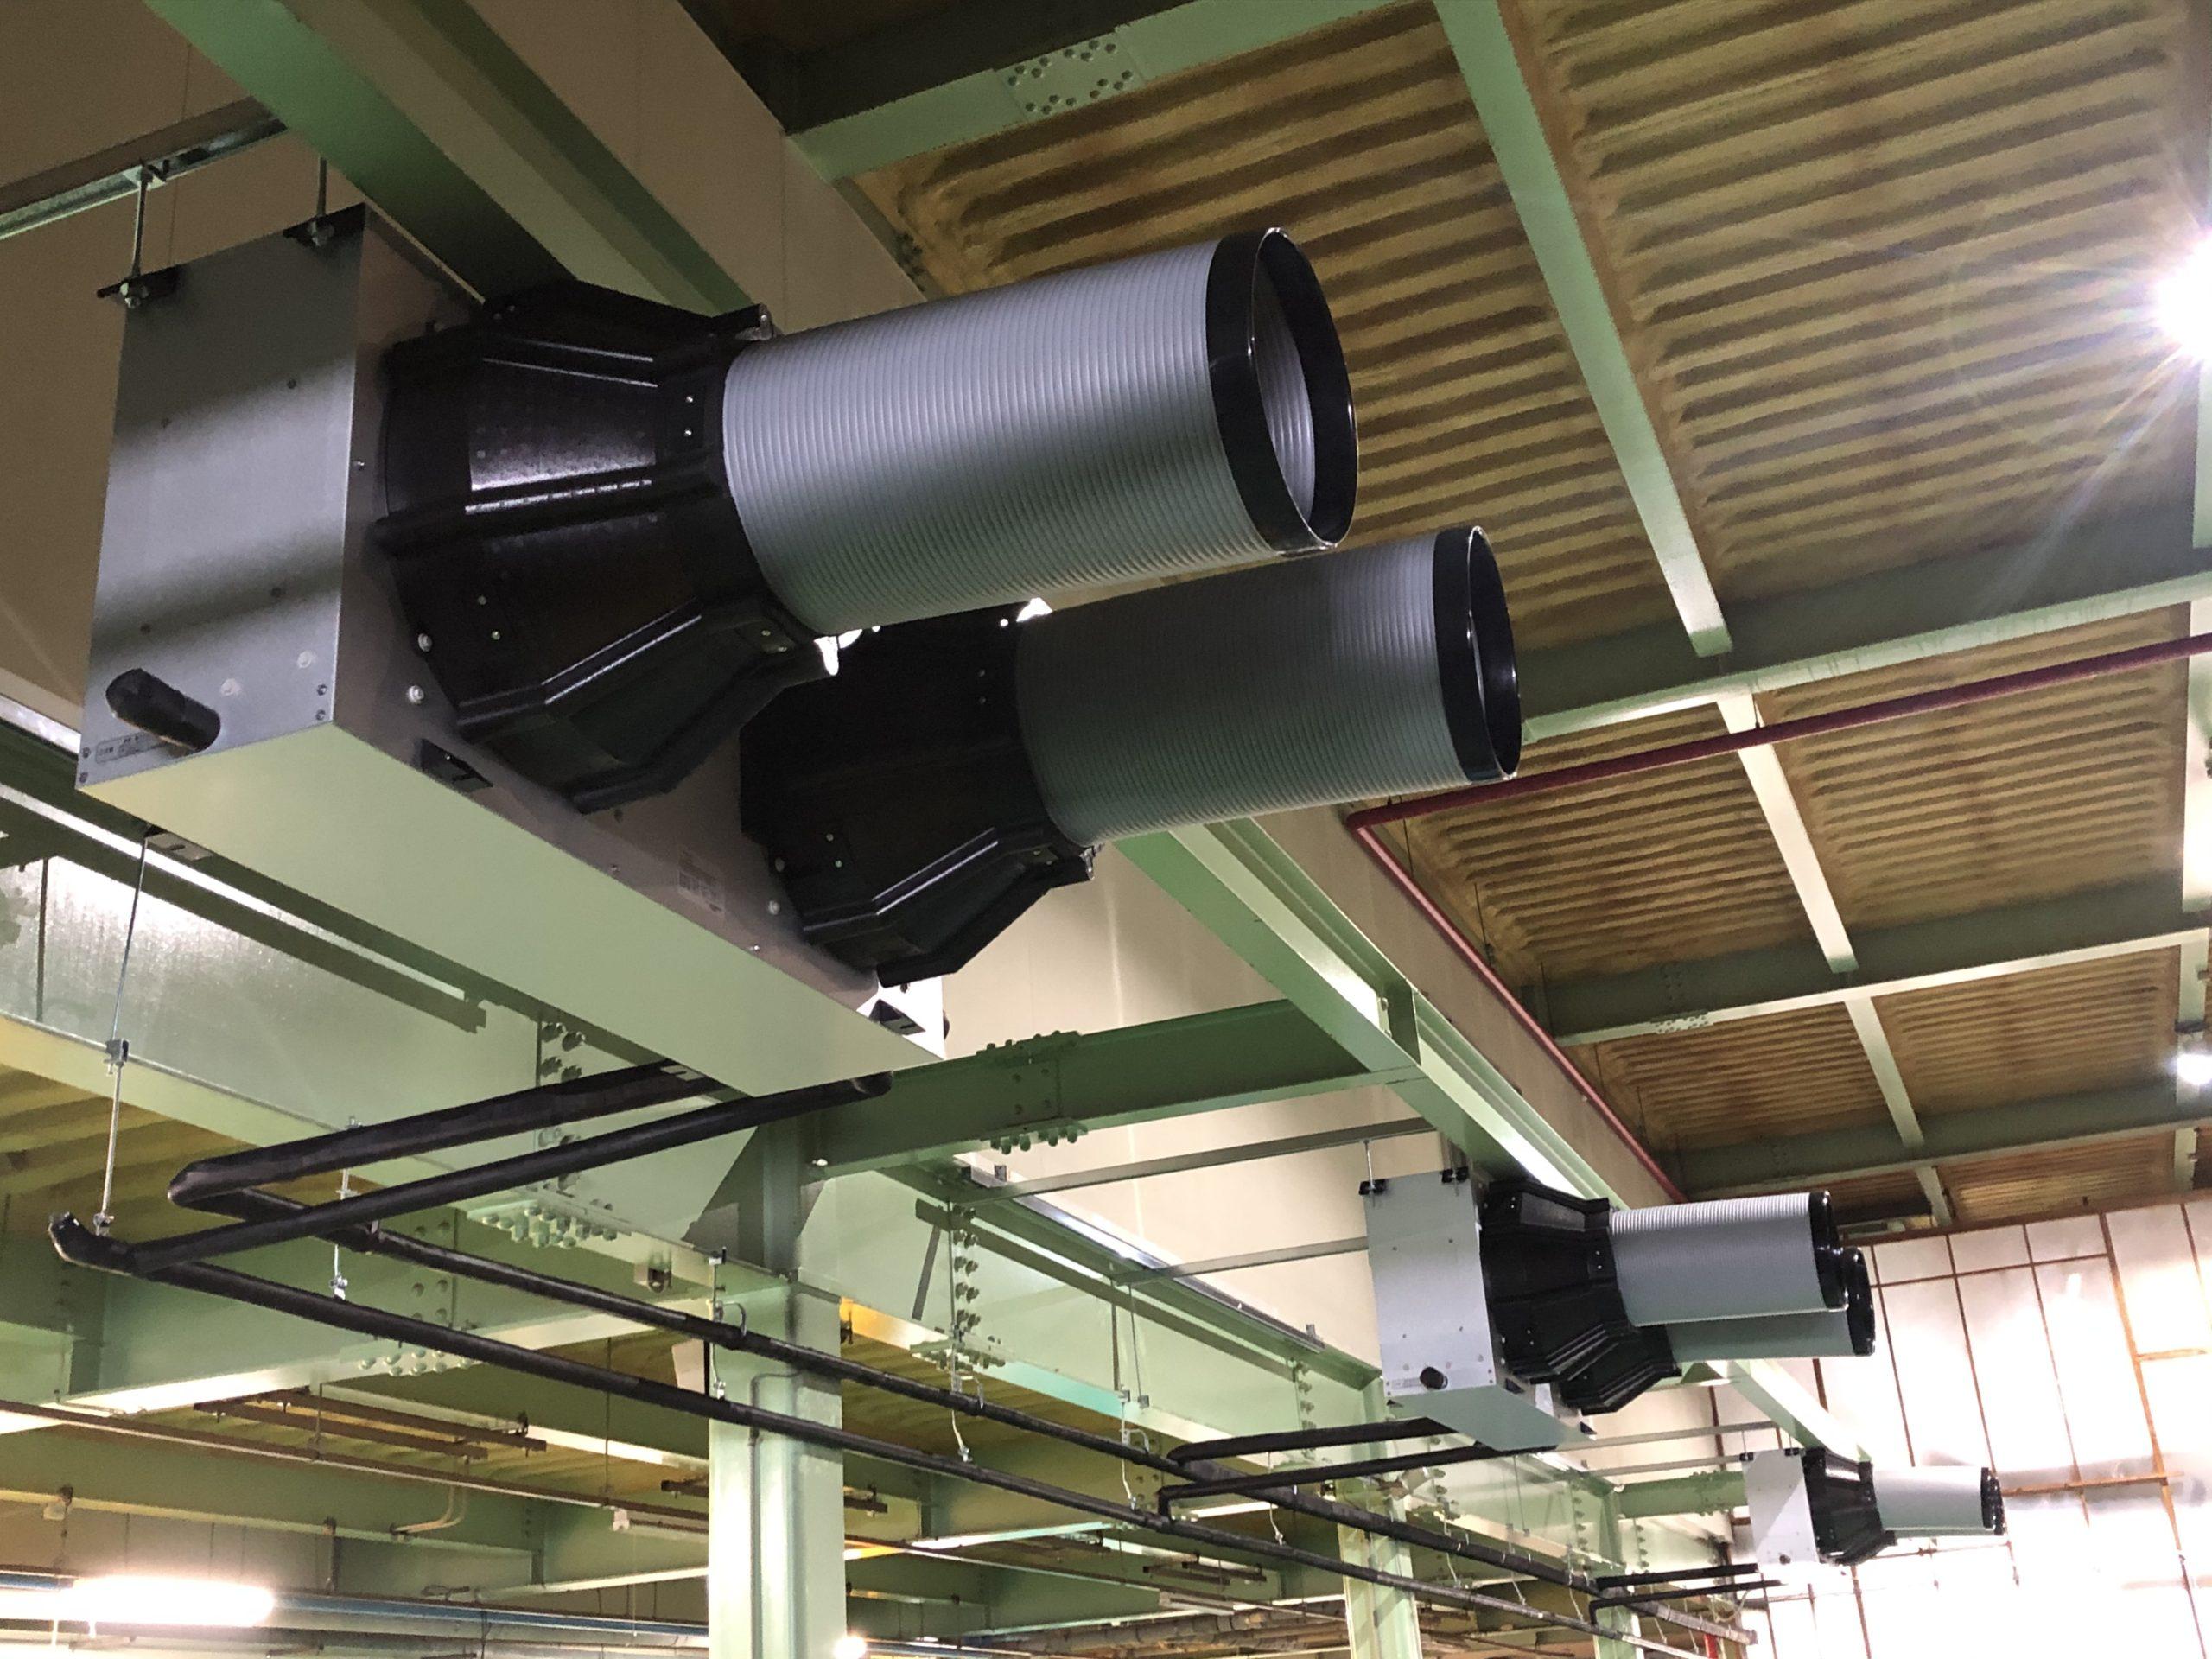 複数台導入設置することにより、冷気を循環させ工場内全体を冷却します。大風量効果により隅々まで冷気を送ることで熱溜りを減少させる効果があります。